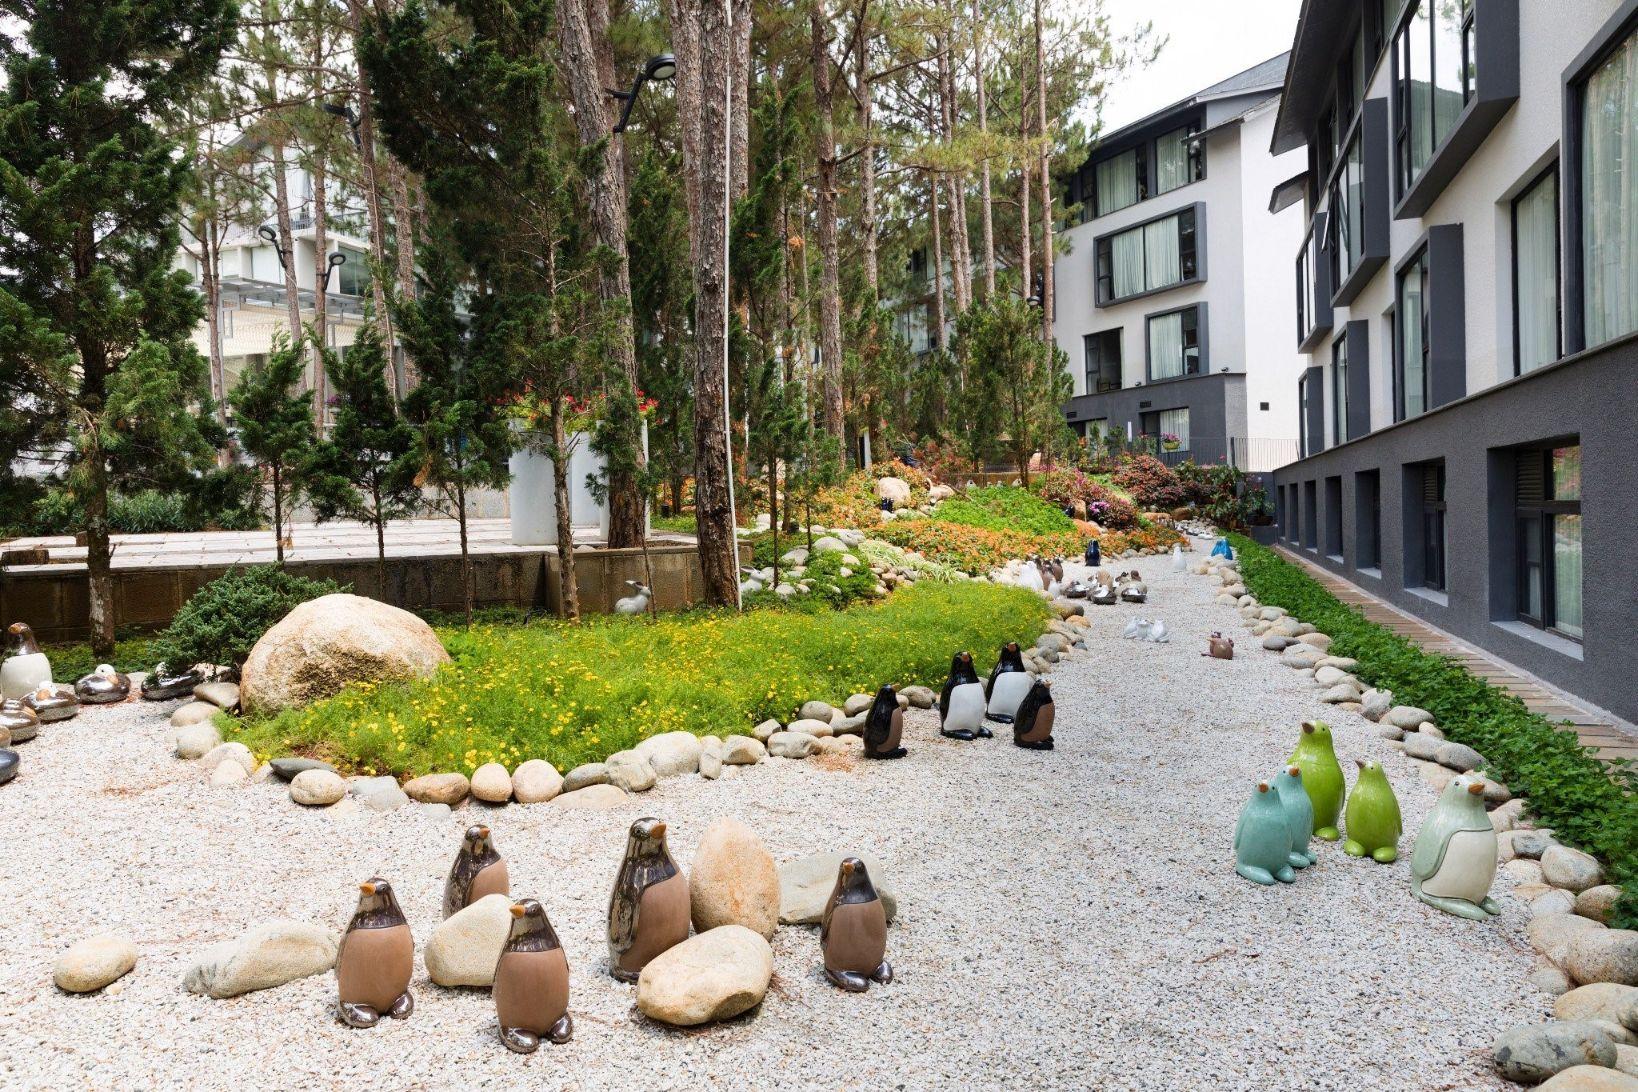 khach san da lat 4 Điểm danh những khách sạn Đà Lạt dành cho các tín đồ mê cảnh sắc nước non